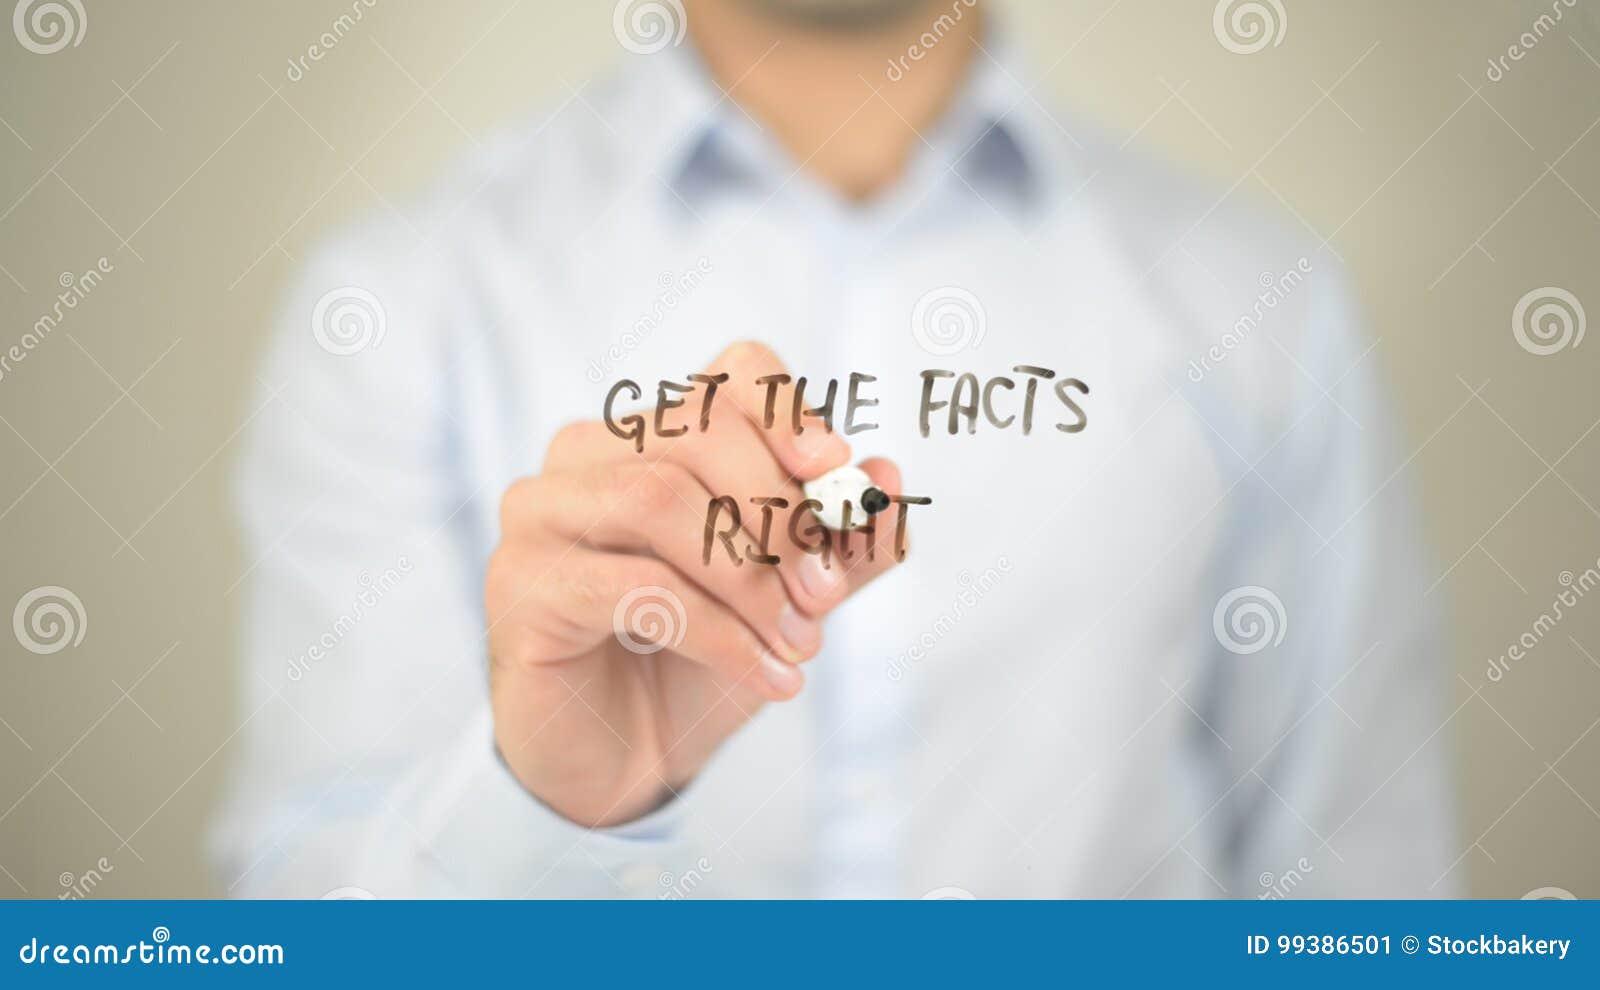 Consiga los hechos correctos, escritura del hombre en la pantalla transparente